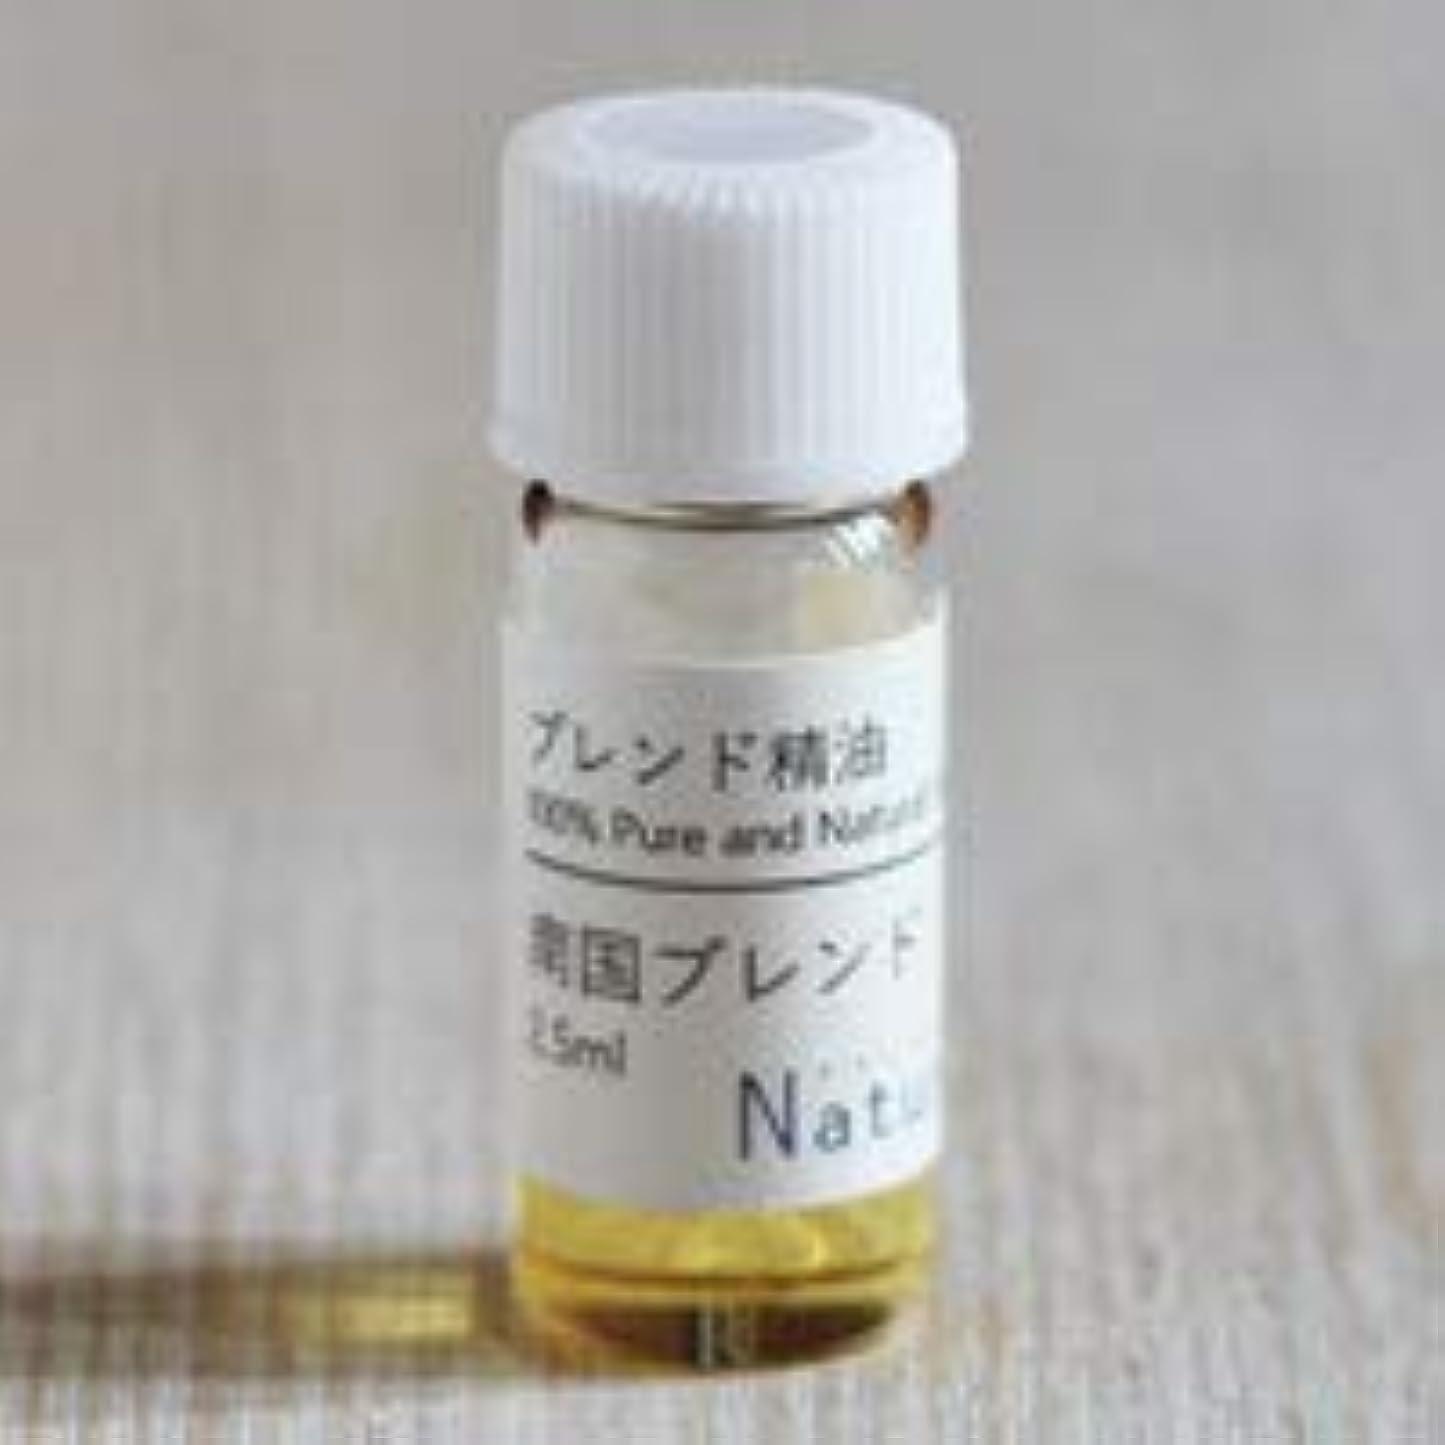 お祝いパトロン淡いブレンド精油/南国ブレンド/手作り石けん用 2.5ml/100%天然